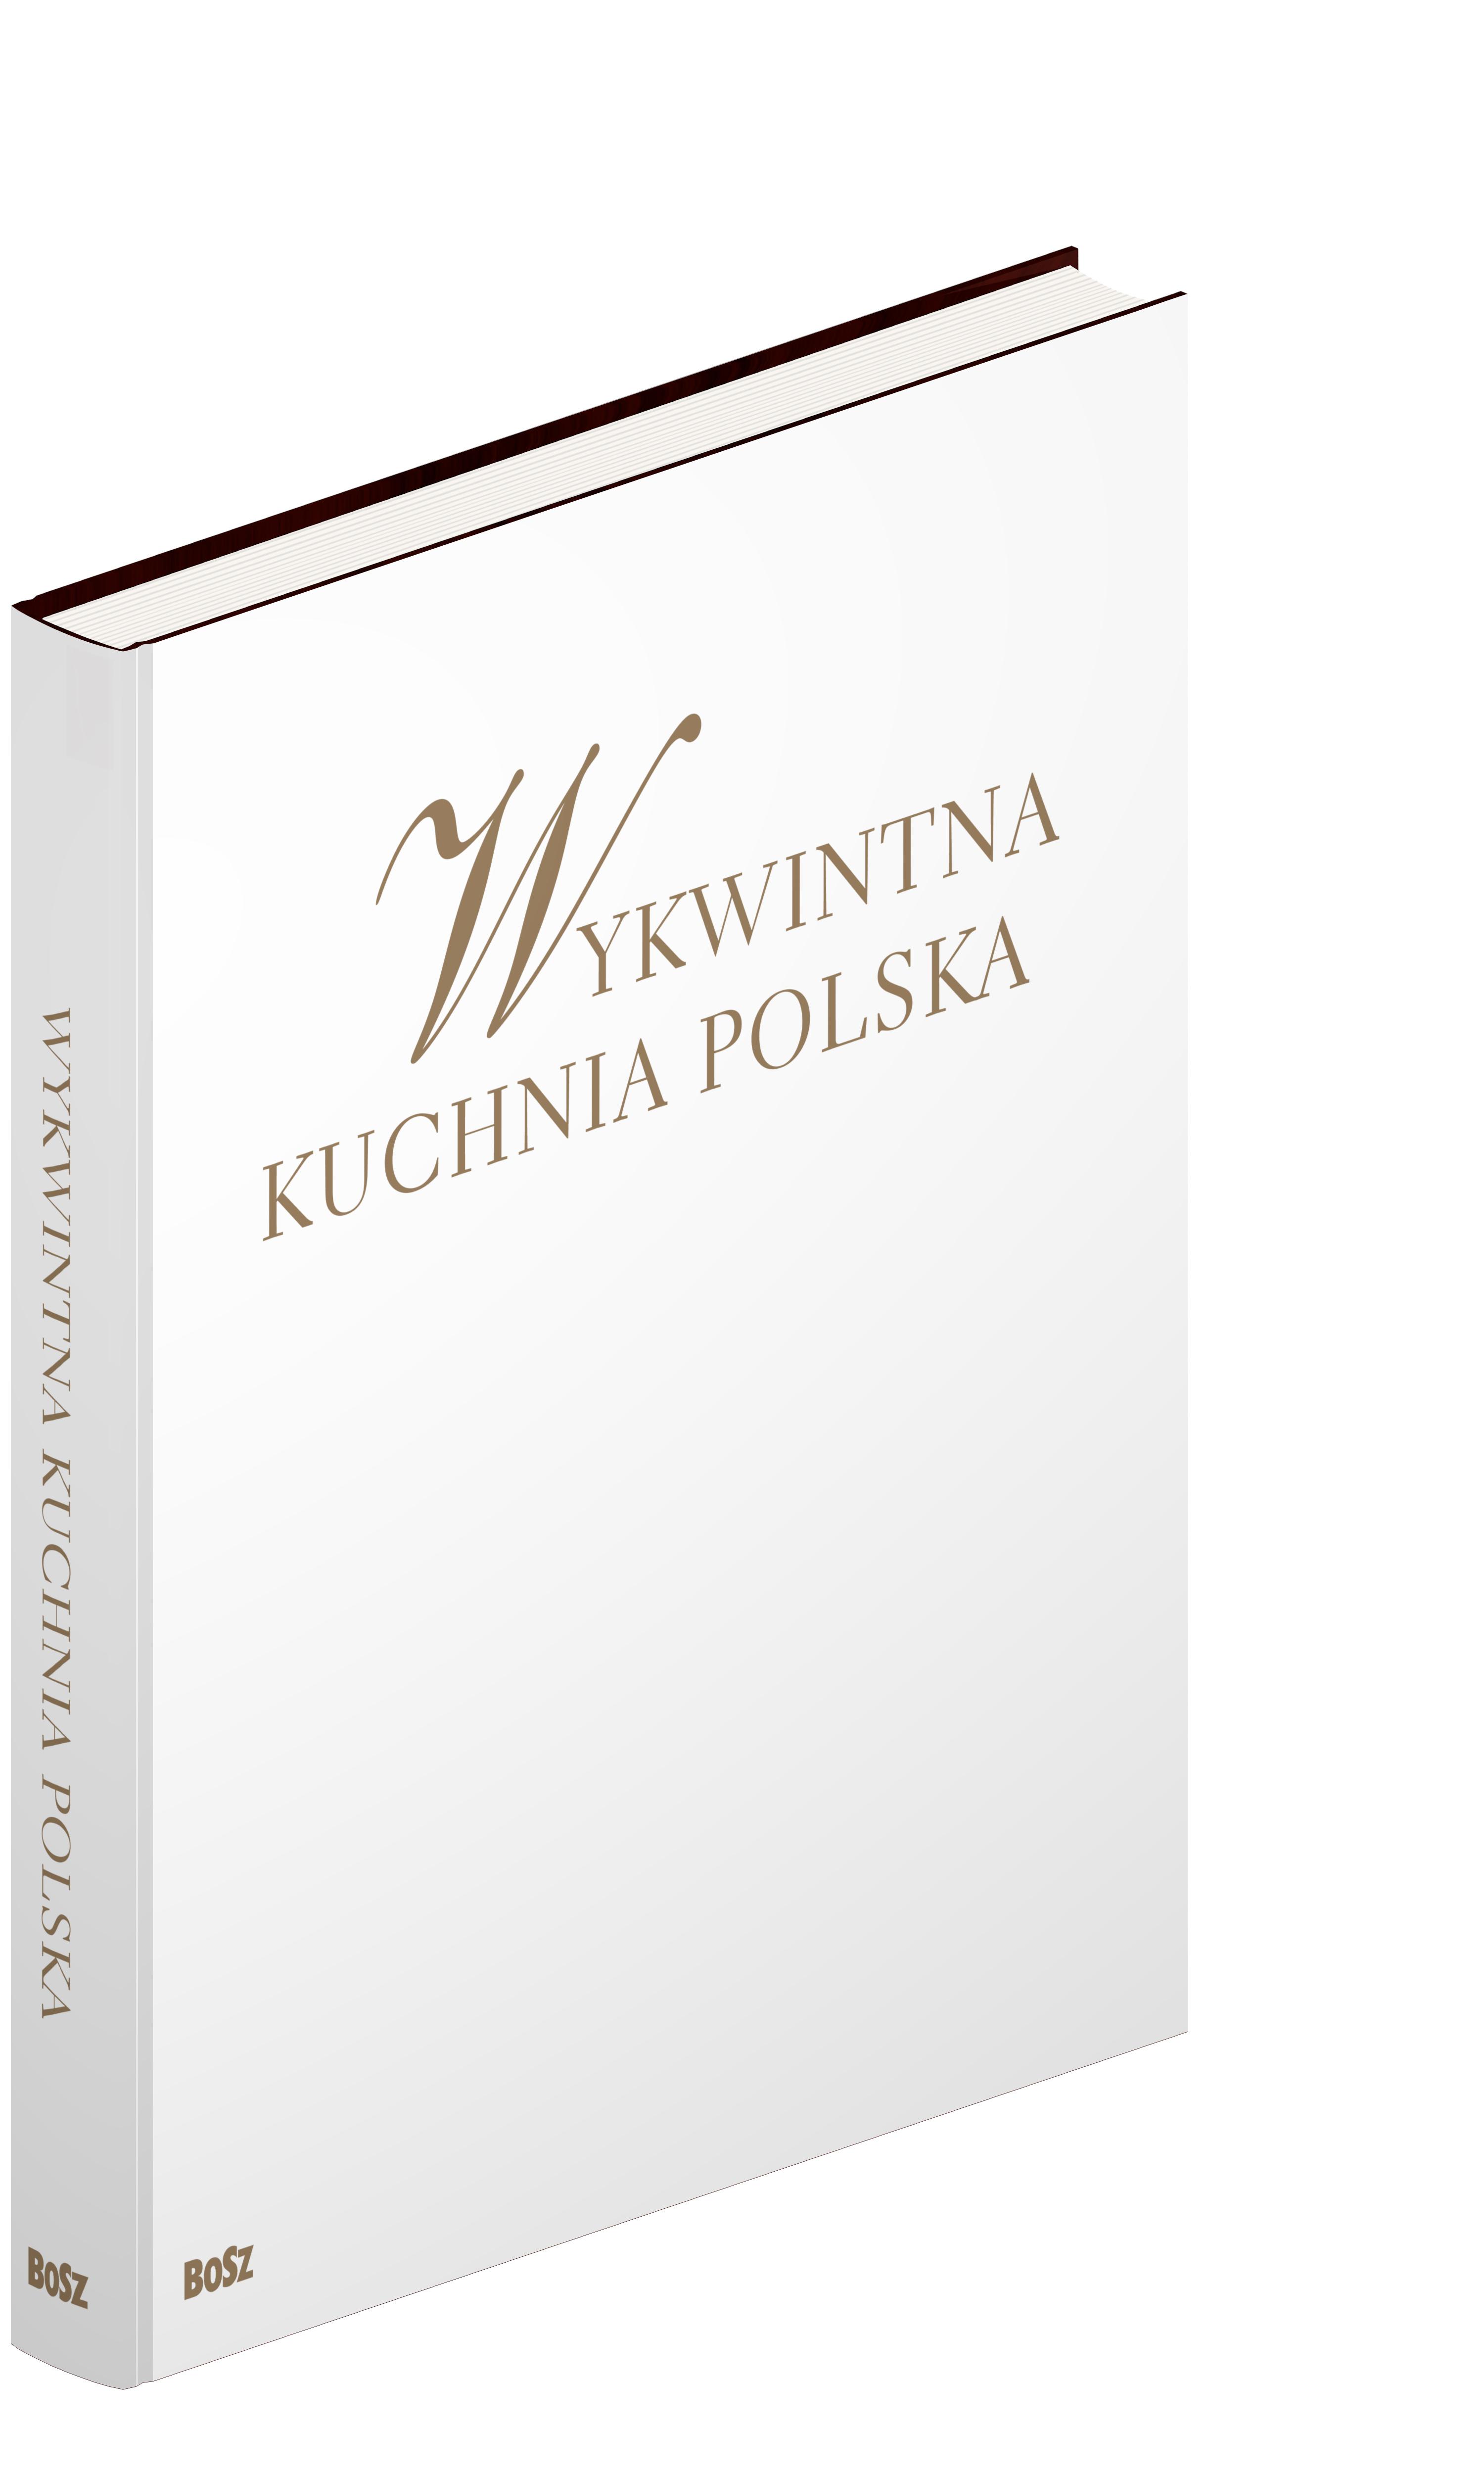 wykwintna_kuchnia_polska_PL_oklobw-1